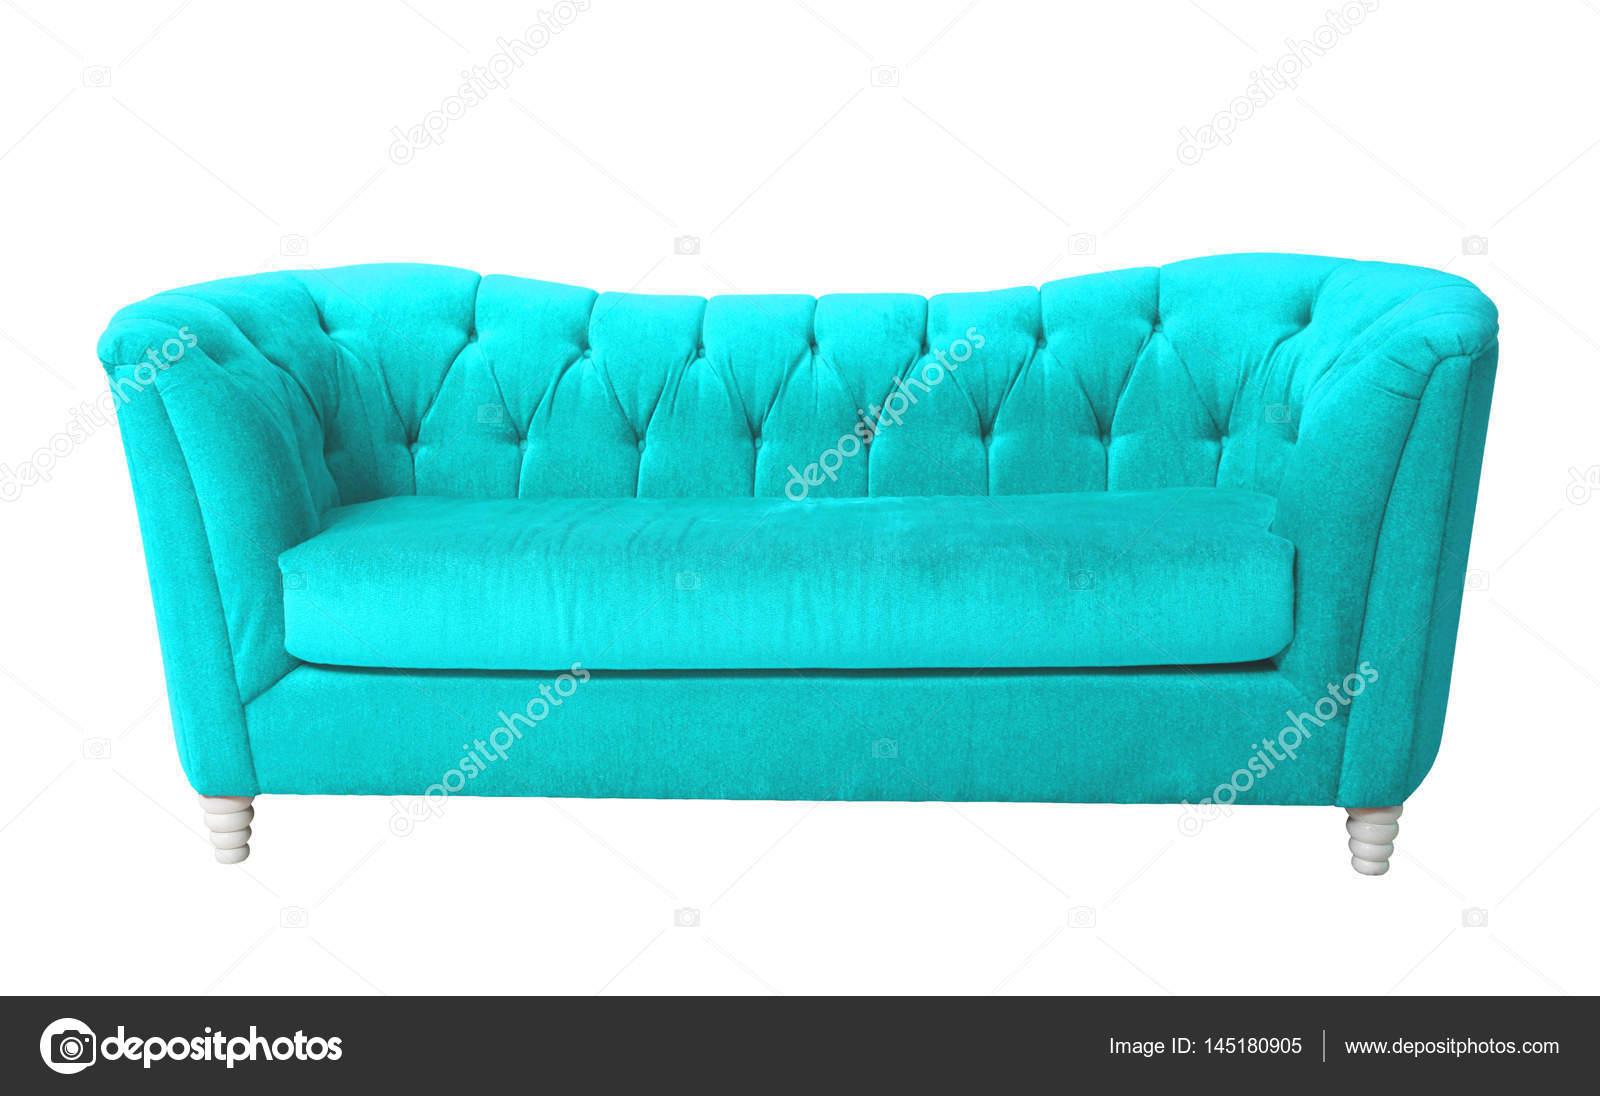 Cielo azul muebles aisladas con trazado de recorte — Foto de stock ...